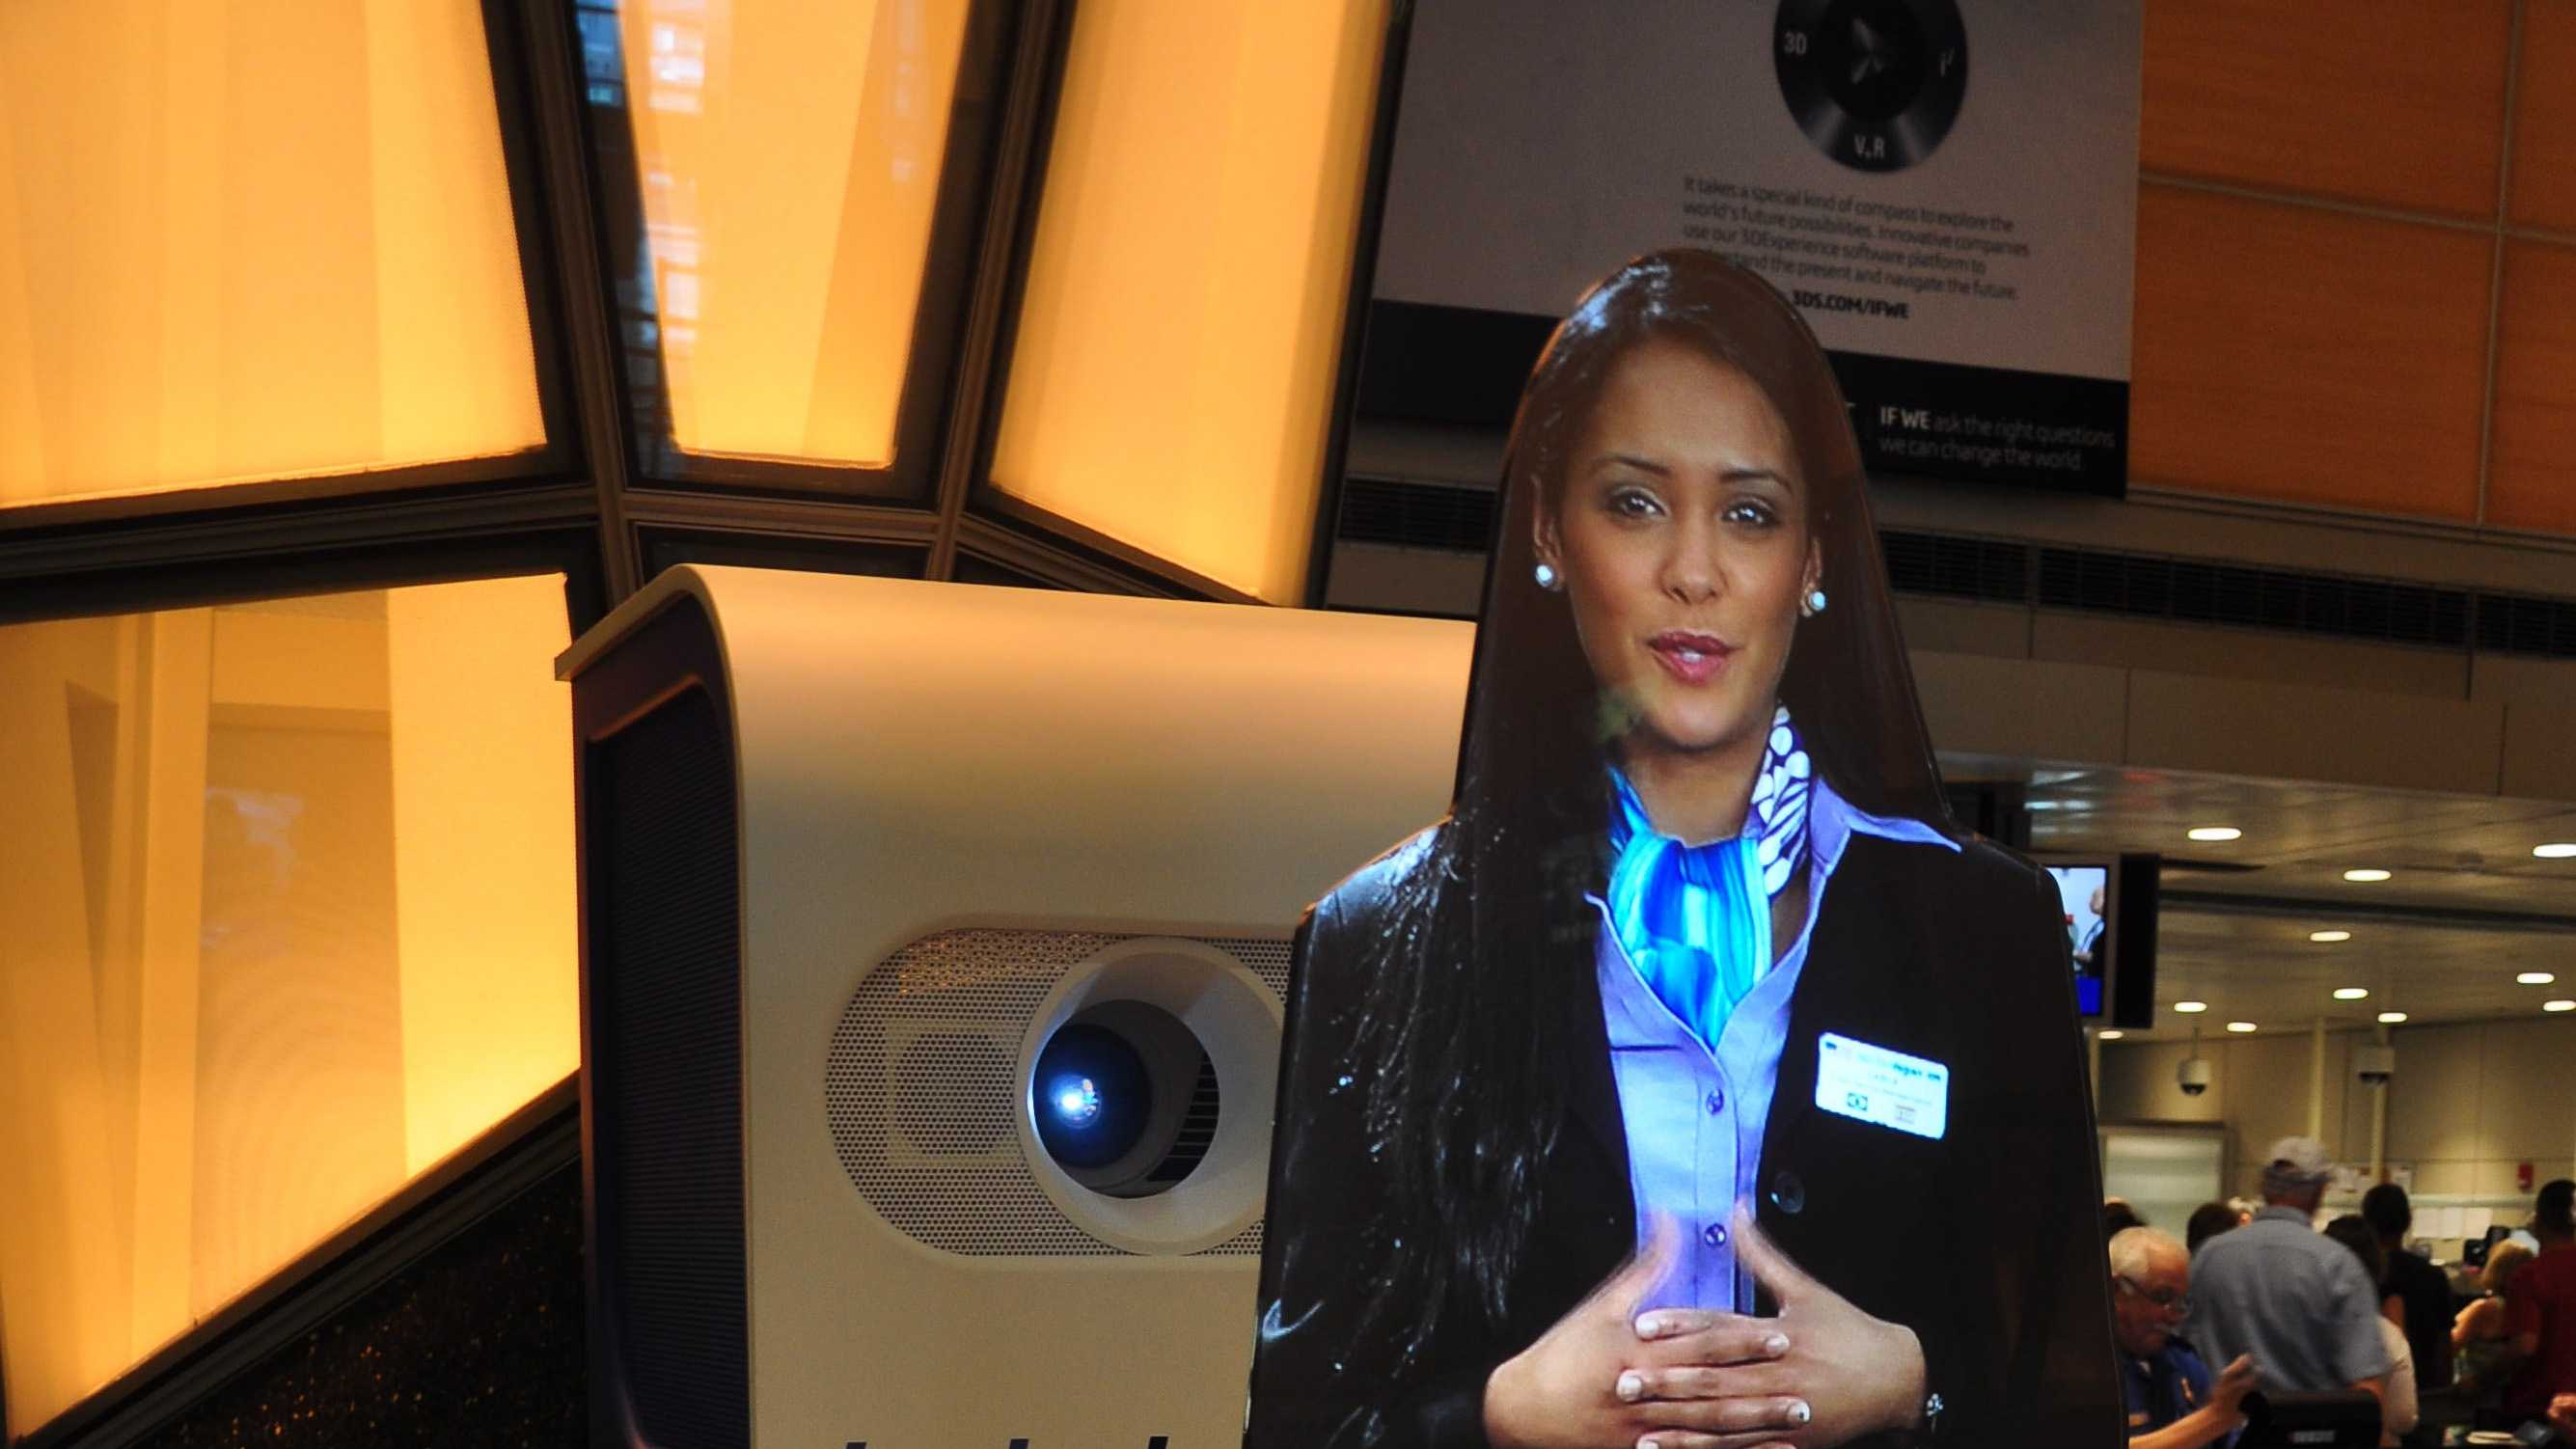 Logan introduces virtual ambassador